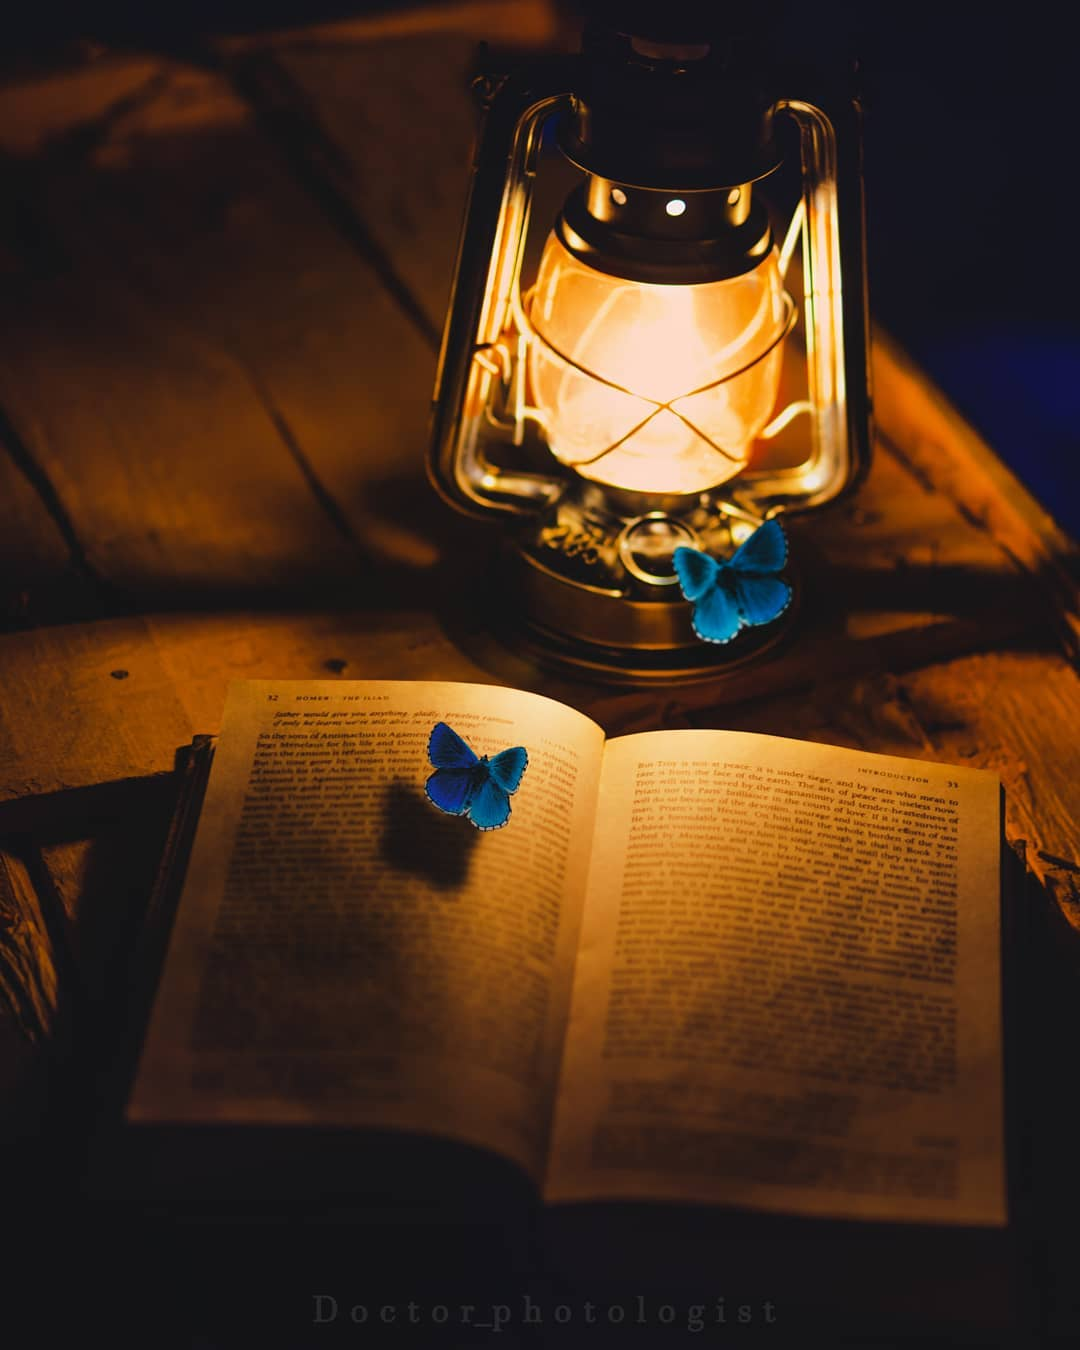 Фото Горящий фонарь стоит рядом с открытой книгой с бабочкой на ней и на нем самом, by hossein mahmoudpour